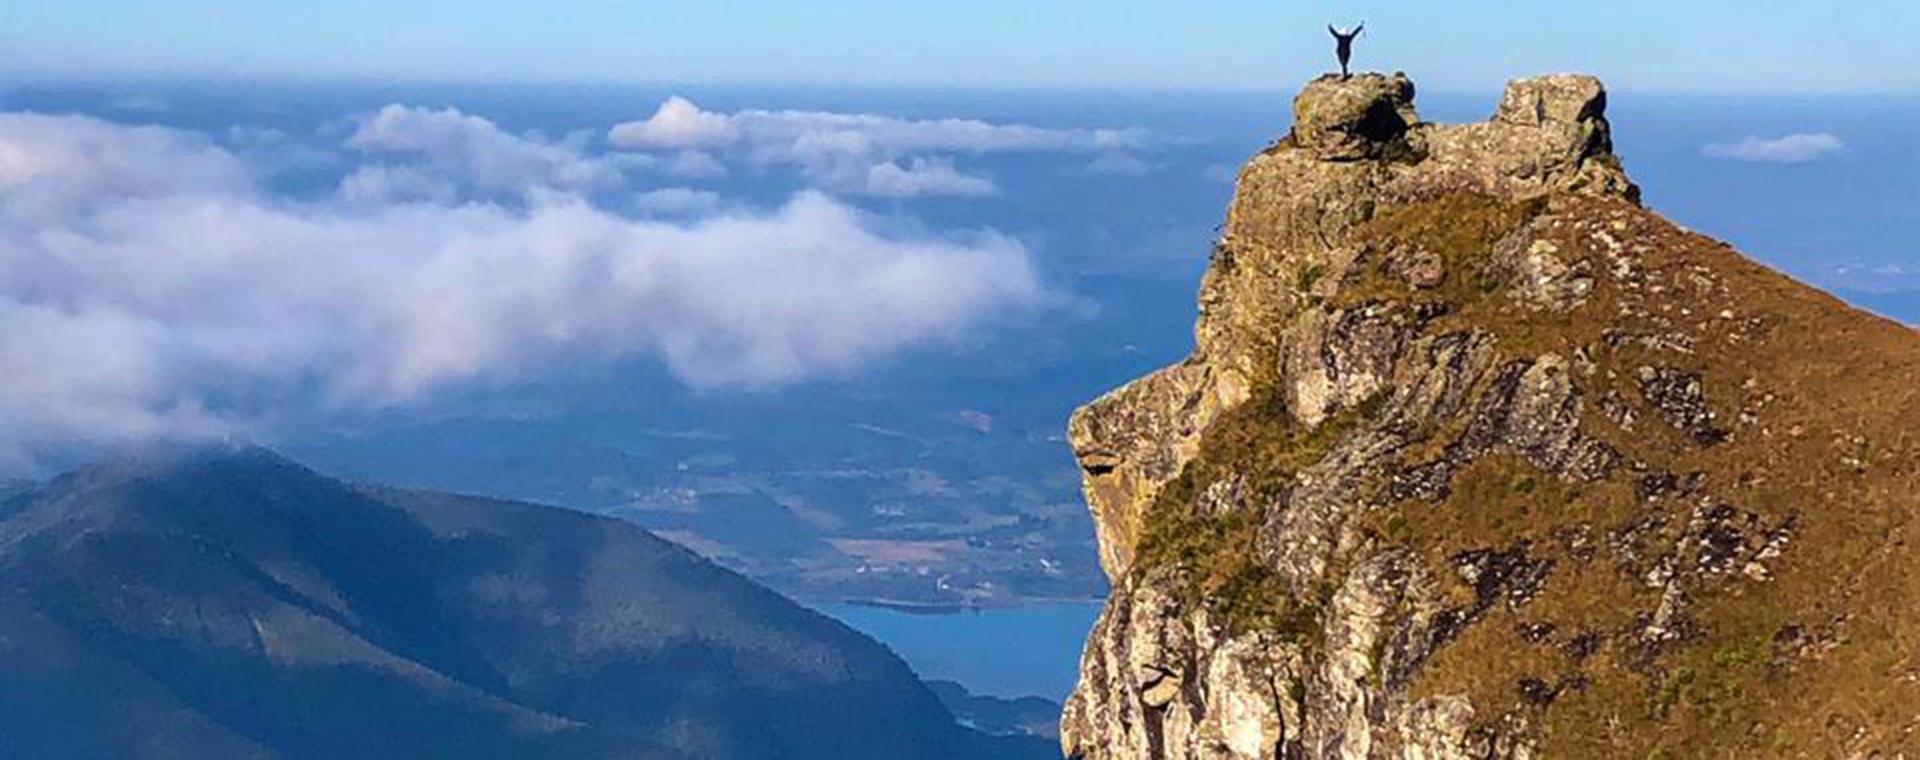 Pico Rincão Fino ou Pico do Rinoceronte